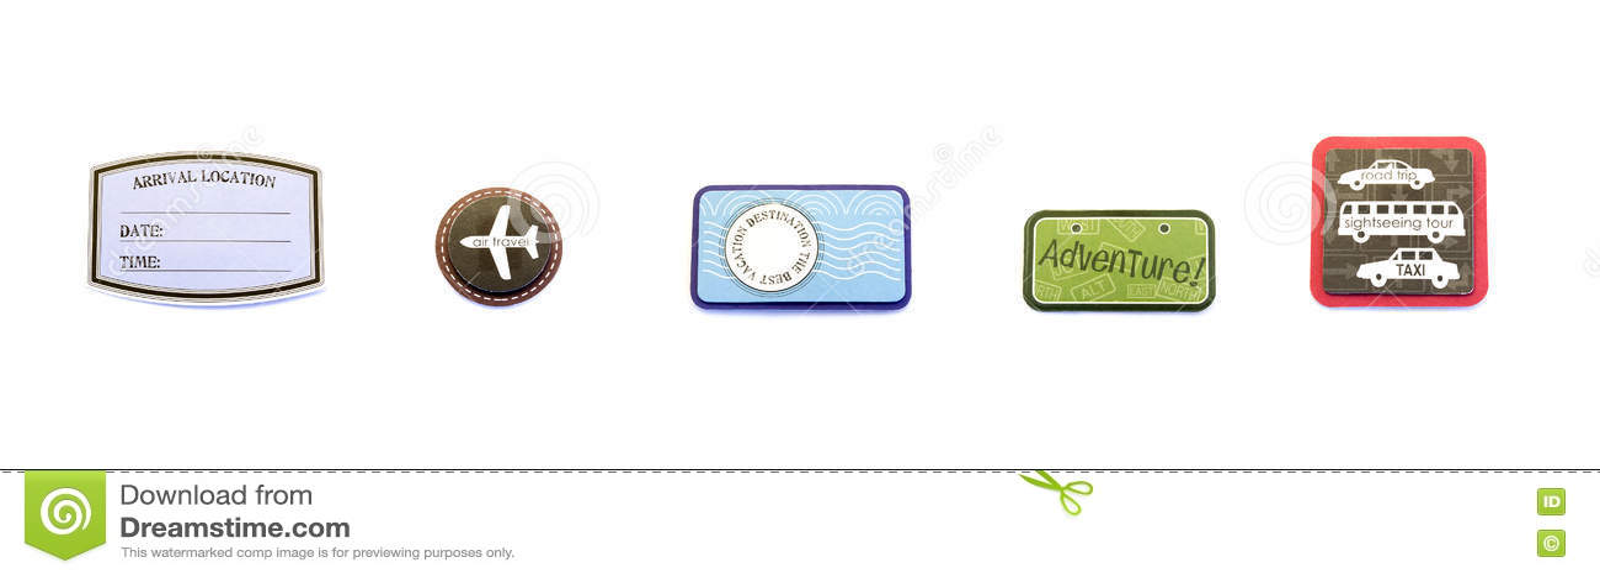 Air/Travel/Vacation Badges